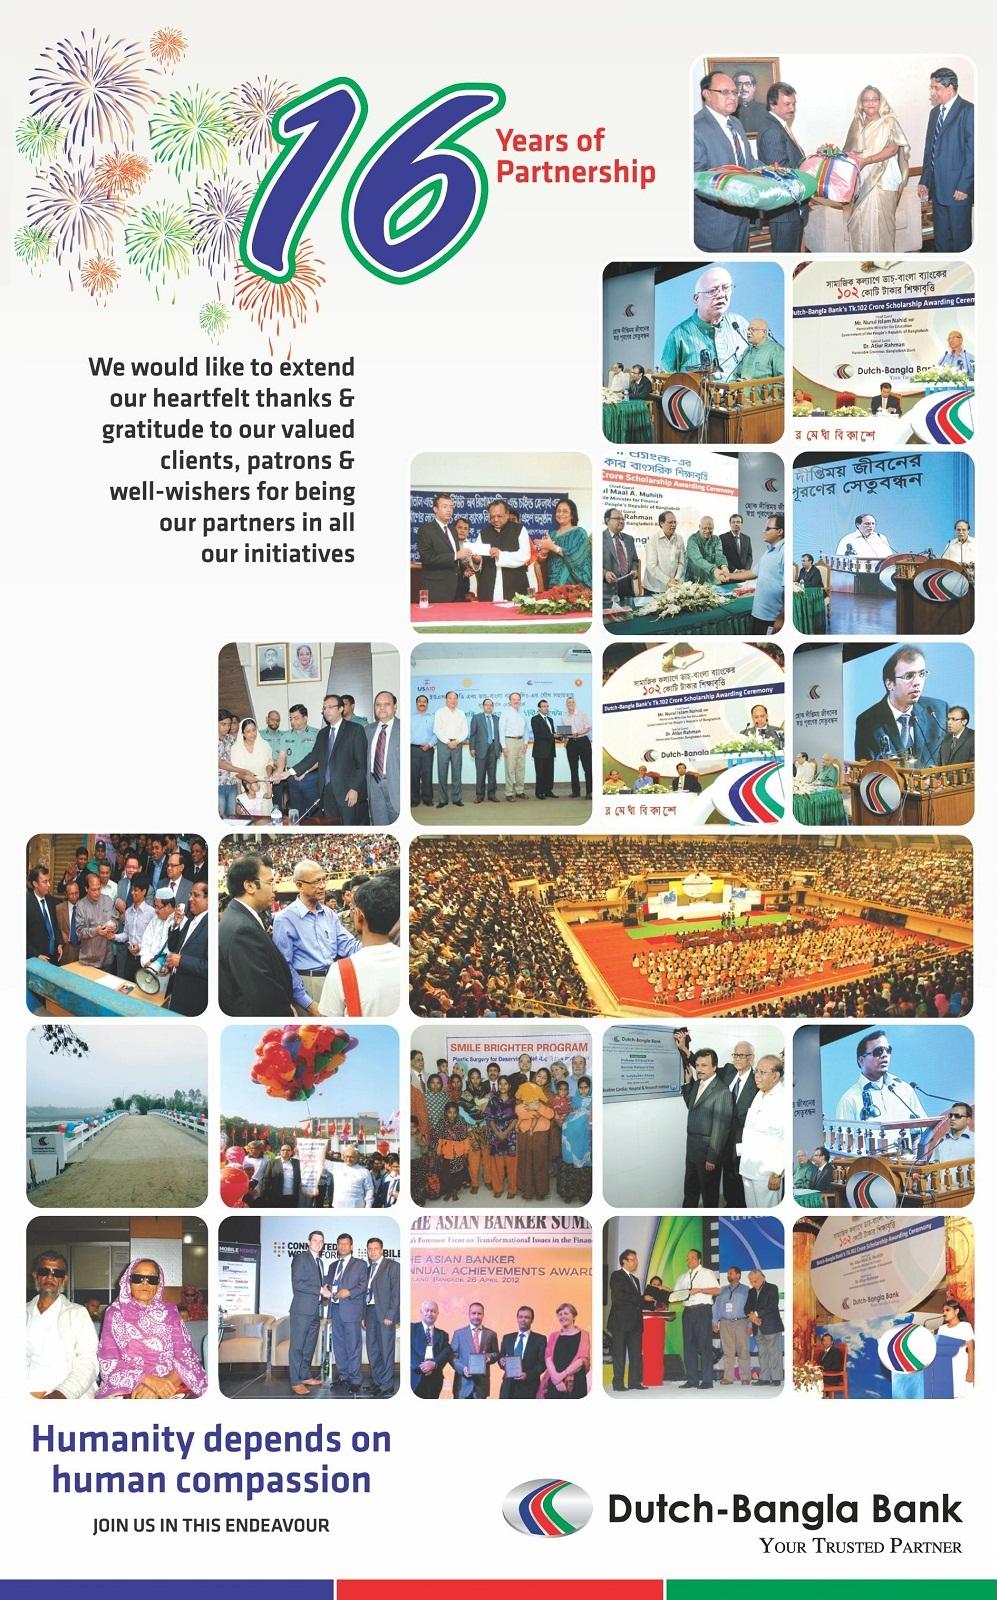 dutch bangla bank Dutch-bangla bank job circular 2018 published today a large job circular on their official website wwwdutchbanglabankcom check dbbl job circular 2018.